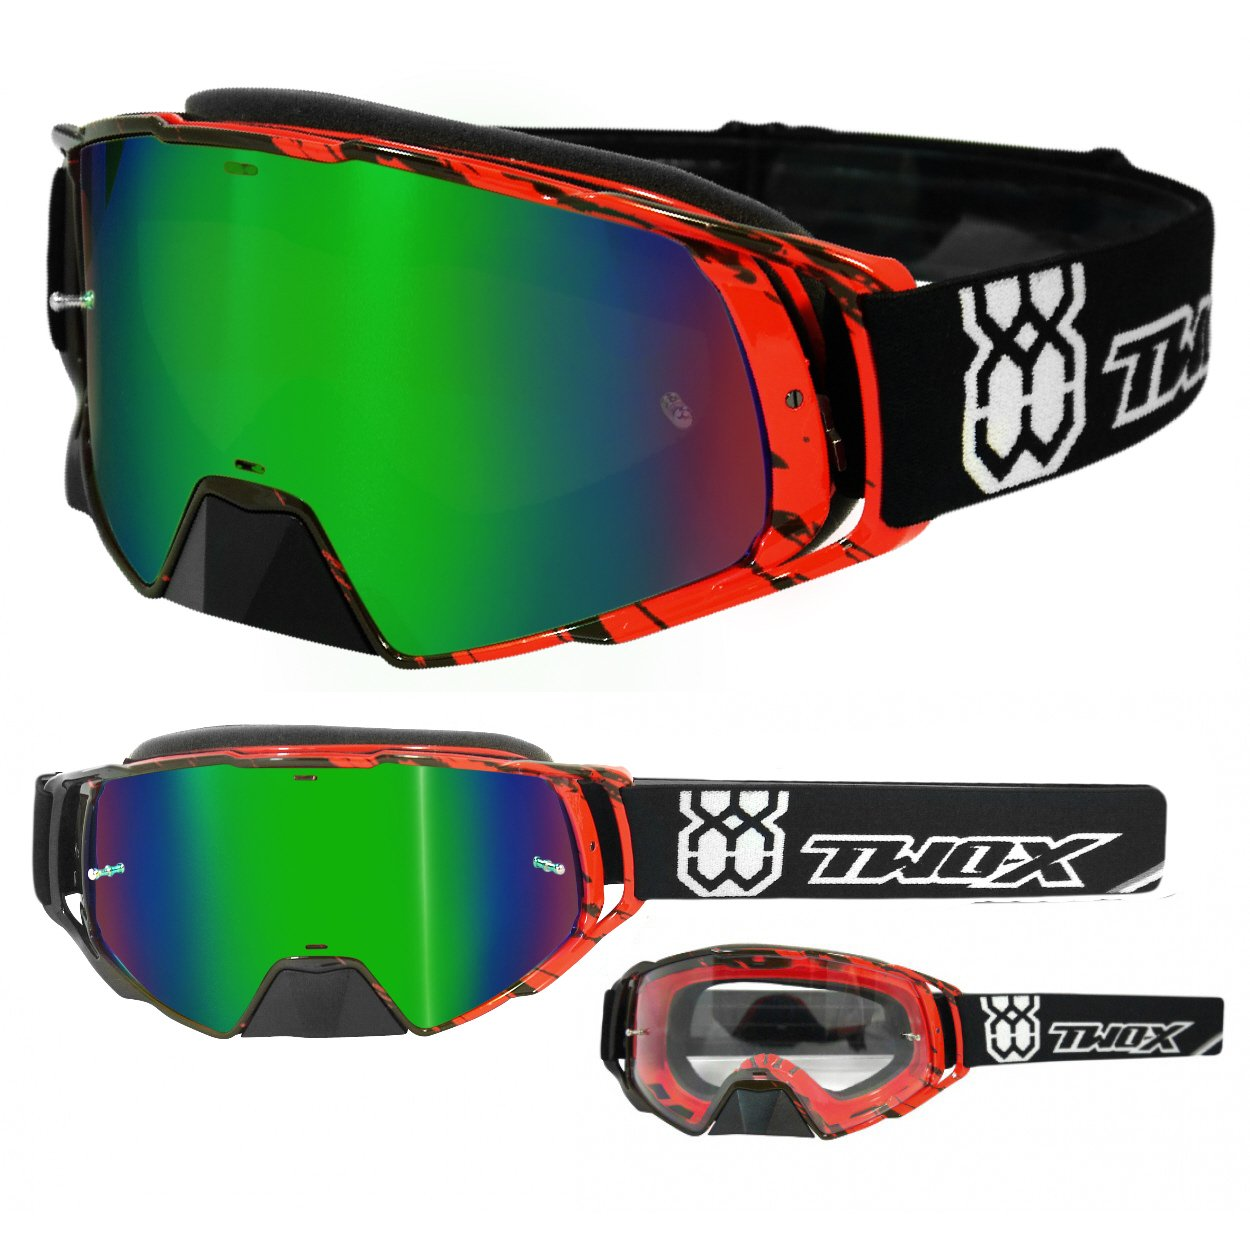 TWO-X Rocket Crossbrille Crush schwarz rot Glas verspiegelt gr/ün MX Brille Nasenschutz Motocross Enduro Spiegelglas Motorradbrille Anti Scratch MX Schutzbrille Nose Guard